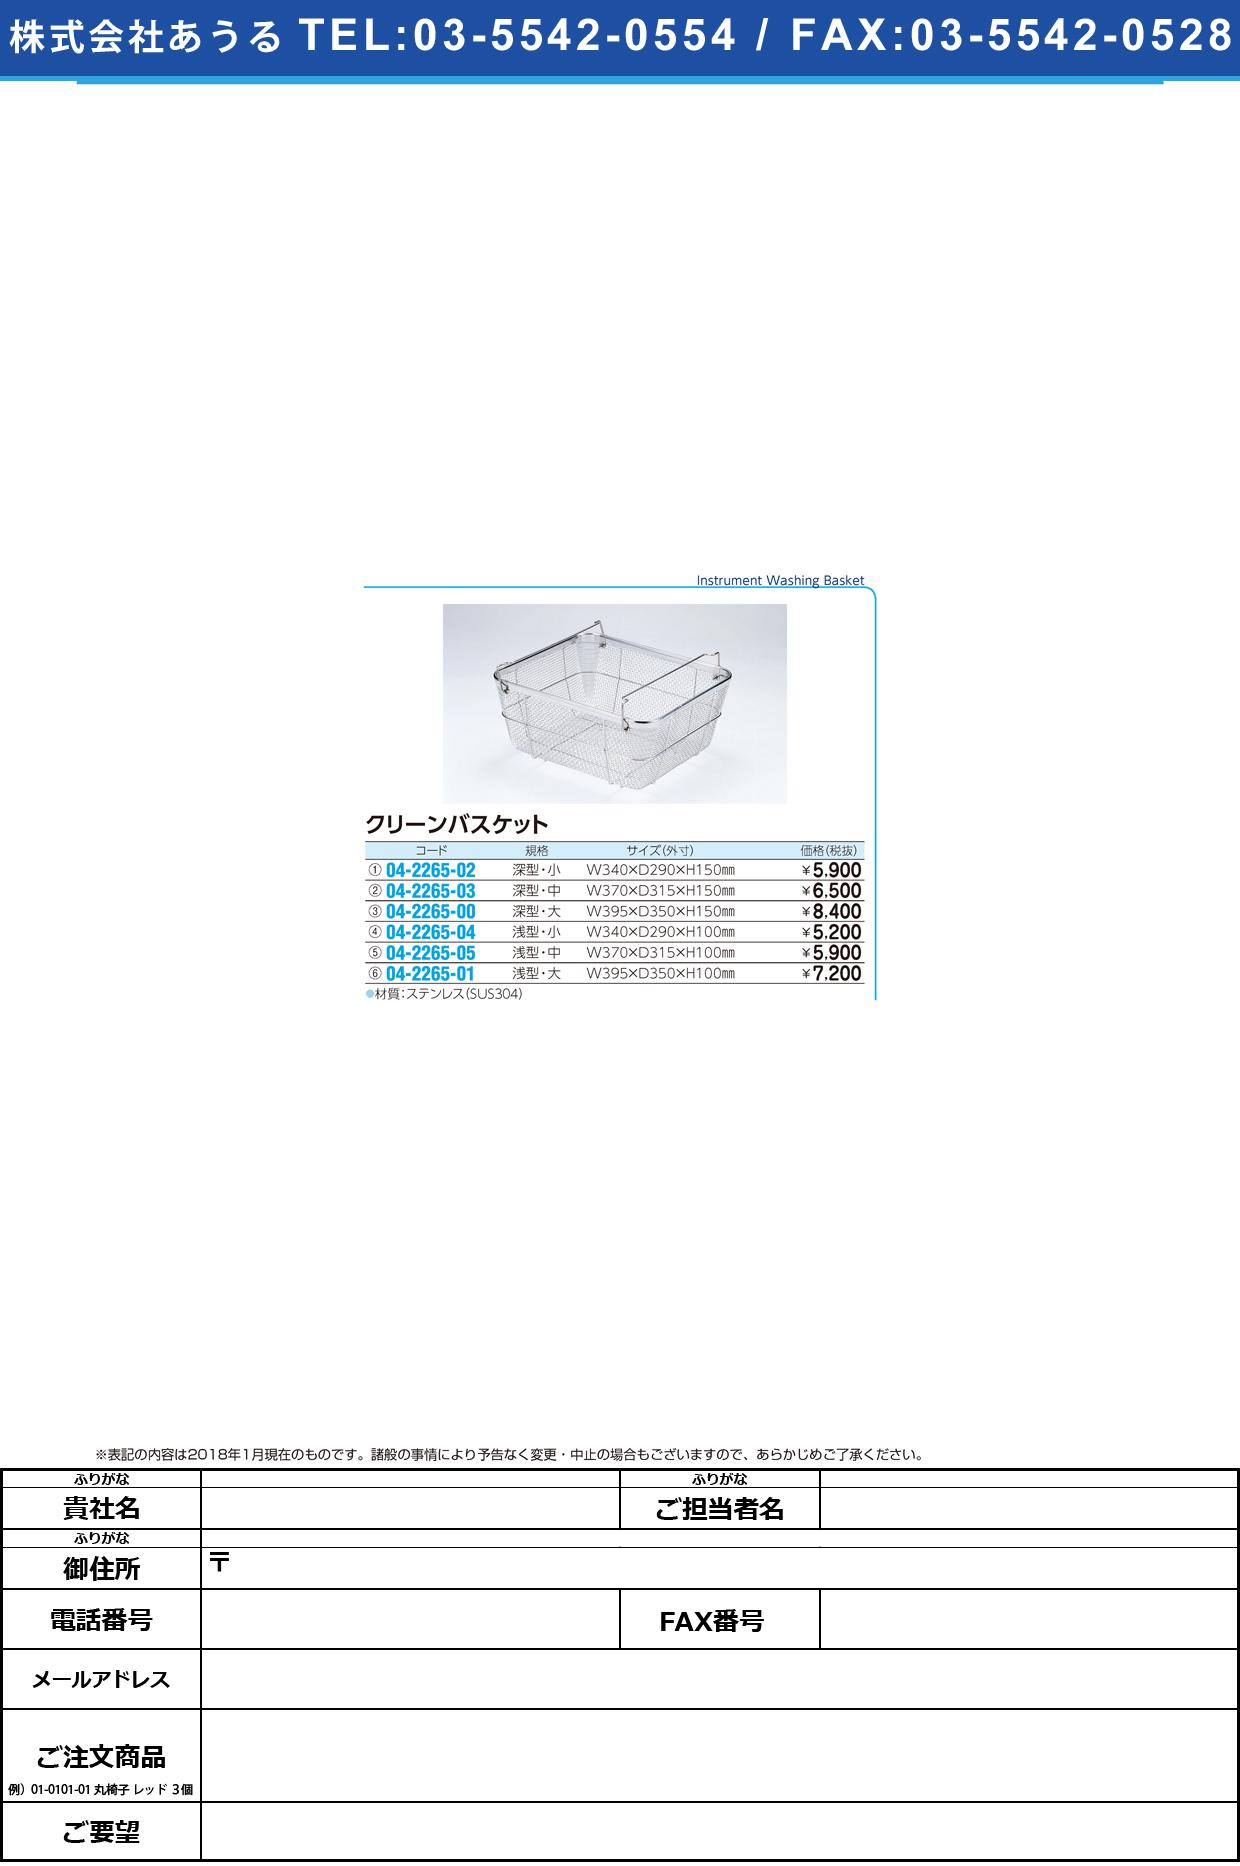 (04-2265-01)クリーンバスケット浅型(大) 395X350X100MM クリーンバスケット【1個単位】【2018年カタログ商品】